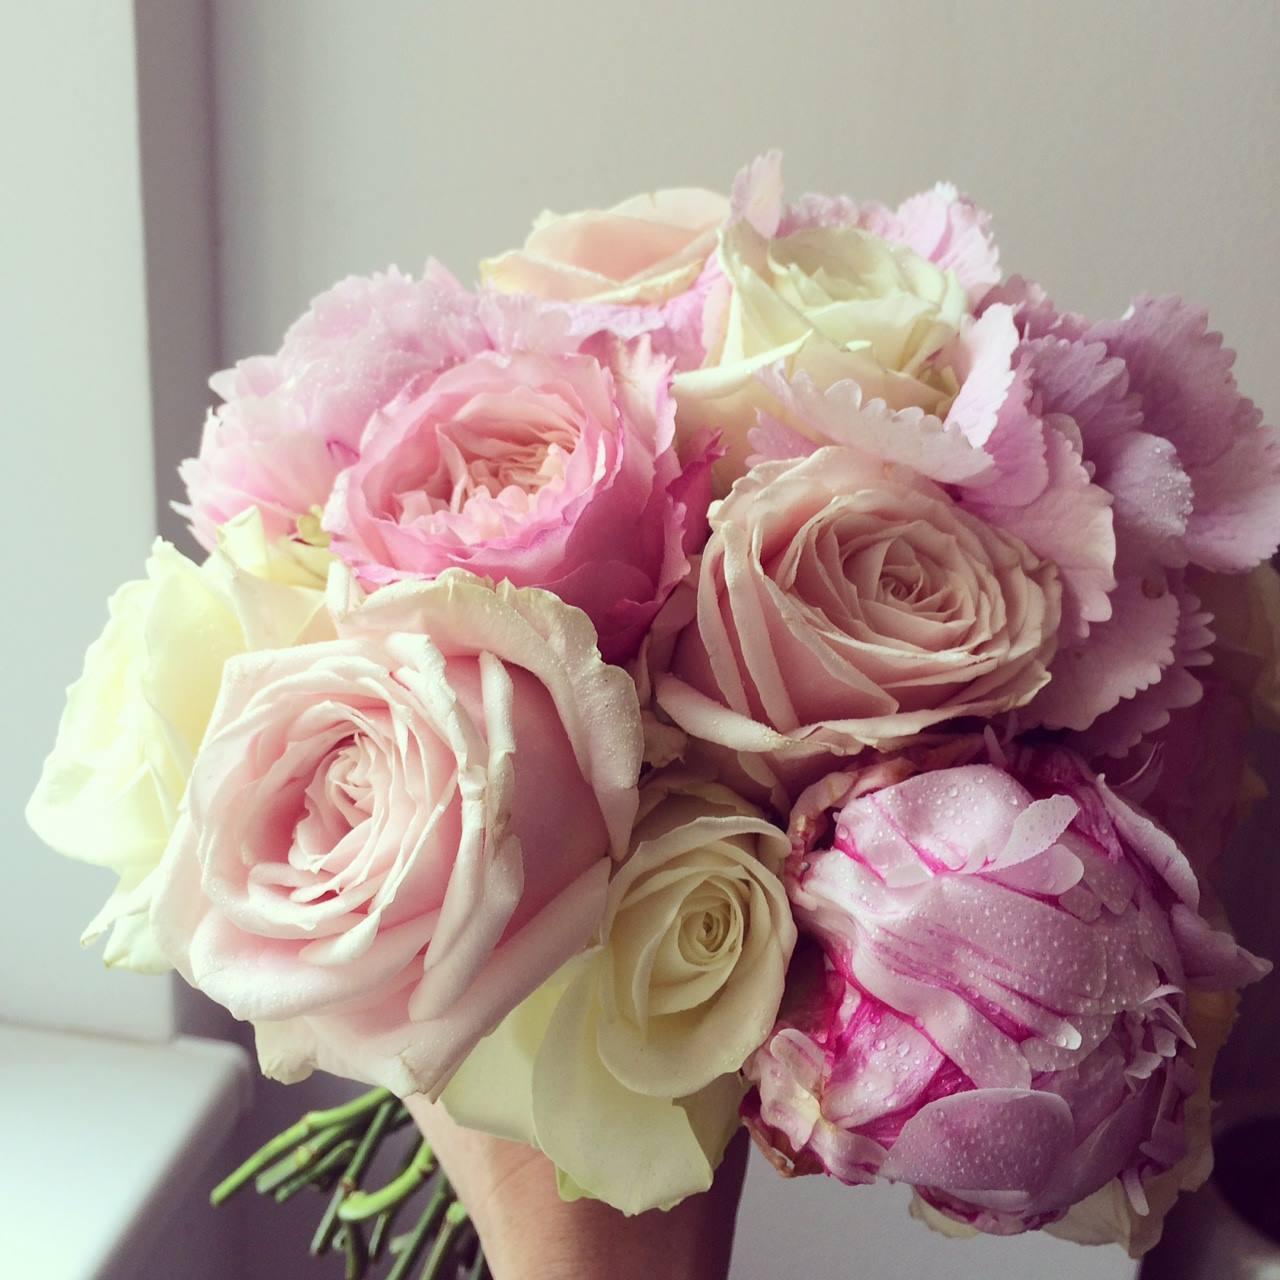 Svatební kytice z růží a pivoněk - Obrázek č. 1